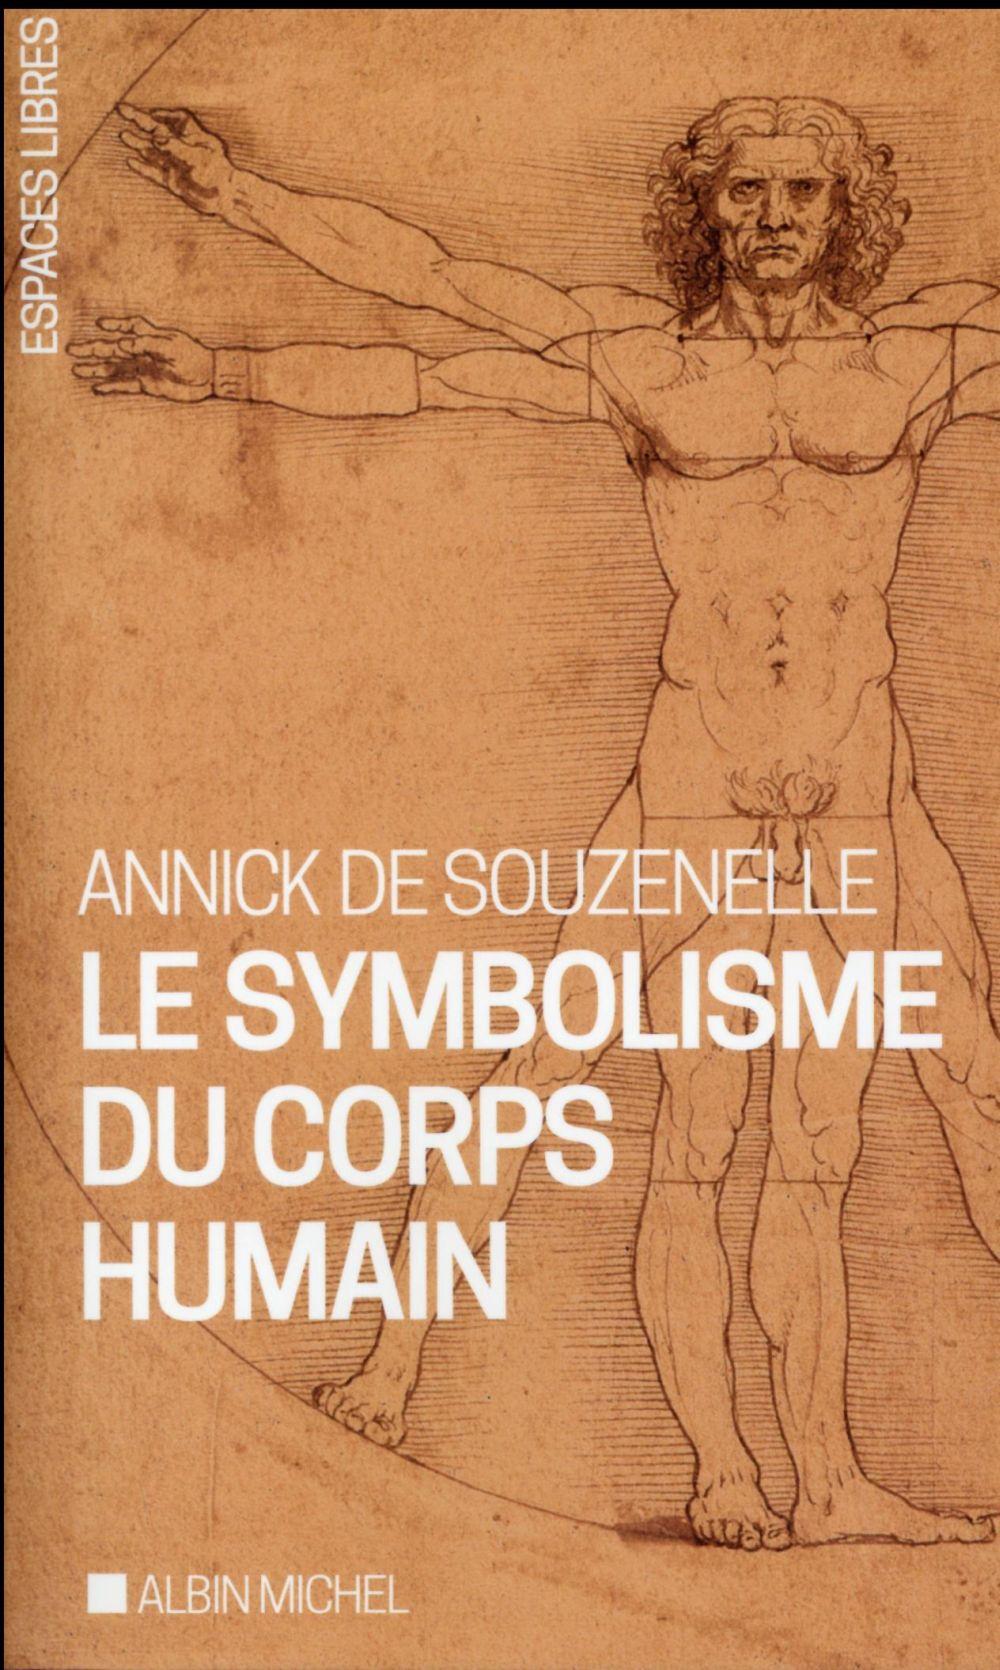 Le symbolisme du corps humain (édition 2016)